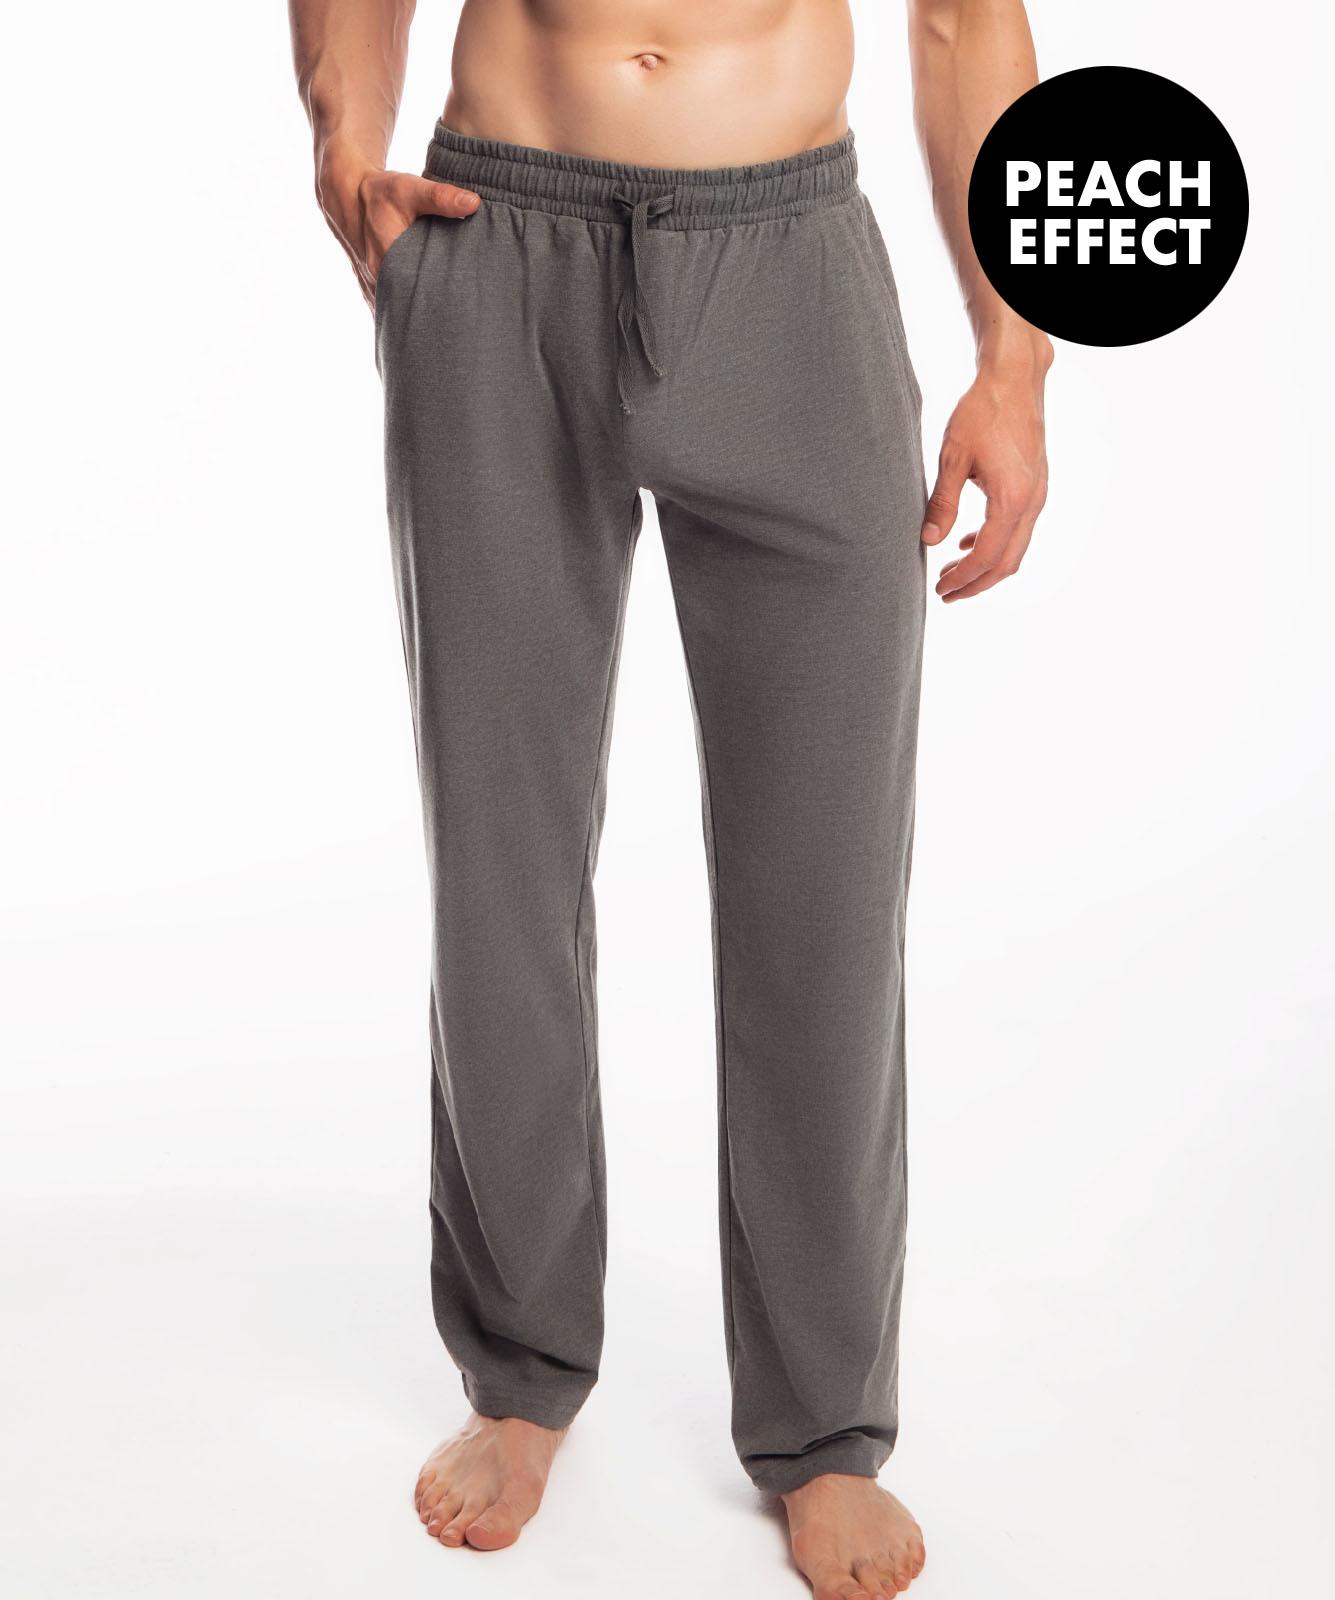 Мужские штаны пижамные Atlantic, 1 шт. в уп., хлопок, темно-серый меланж, NMB-040